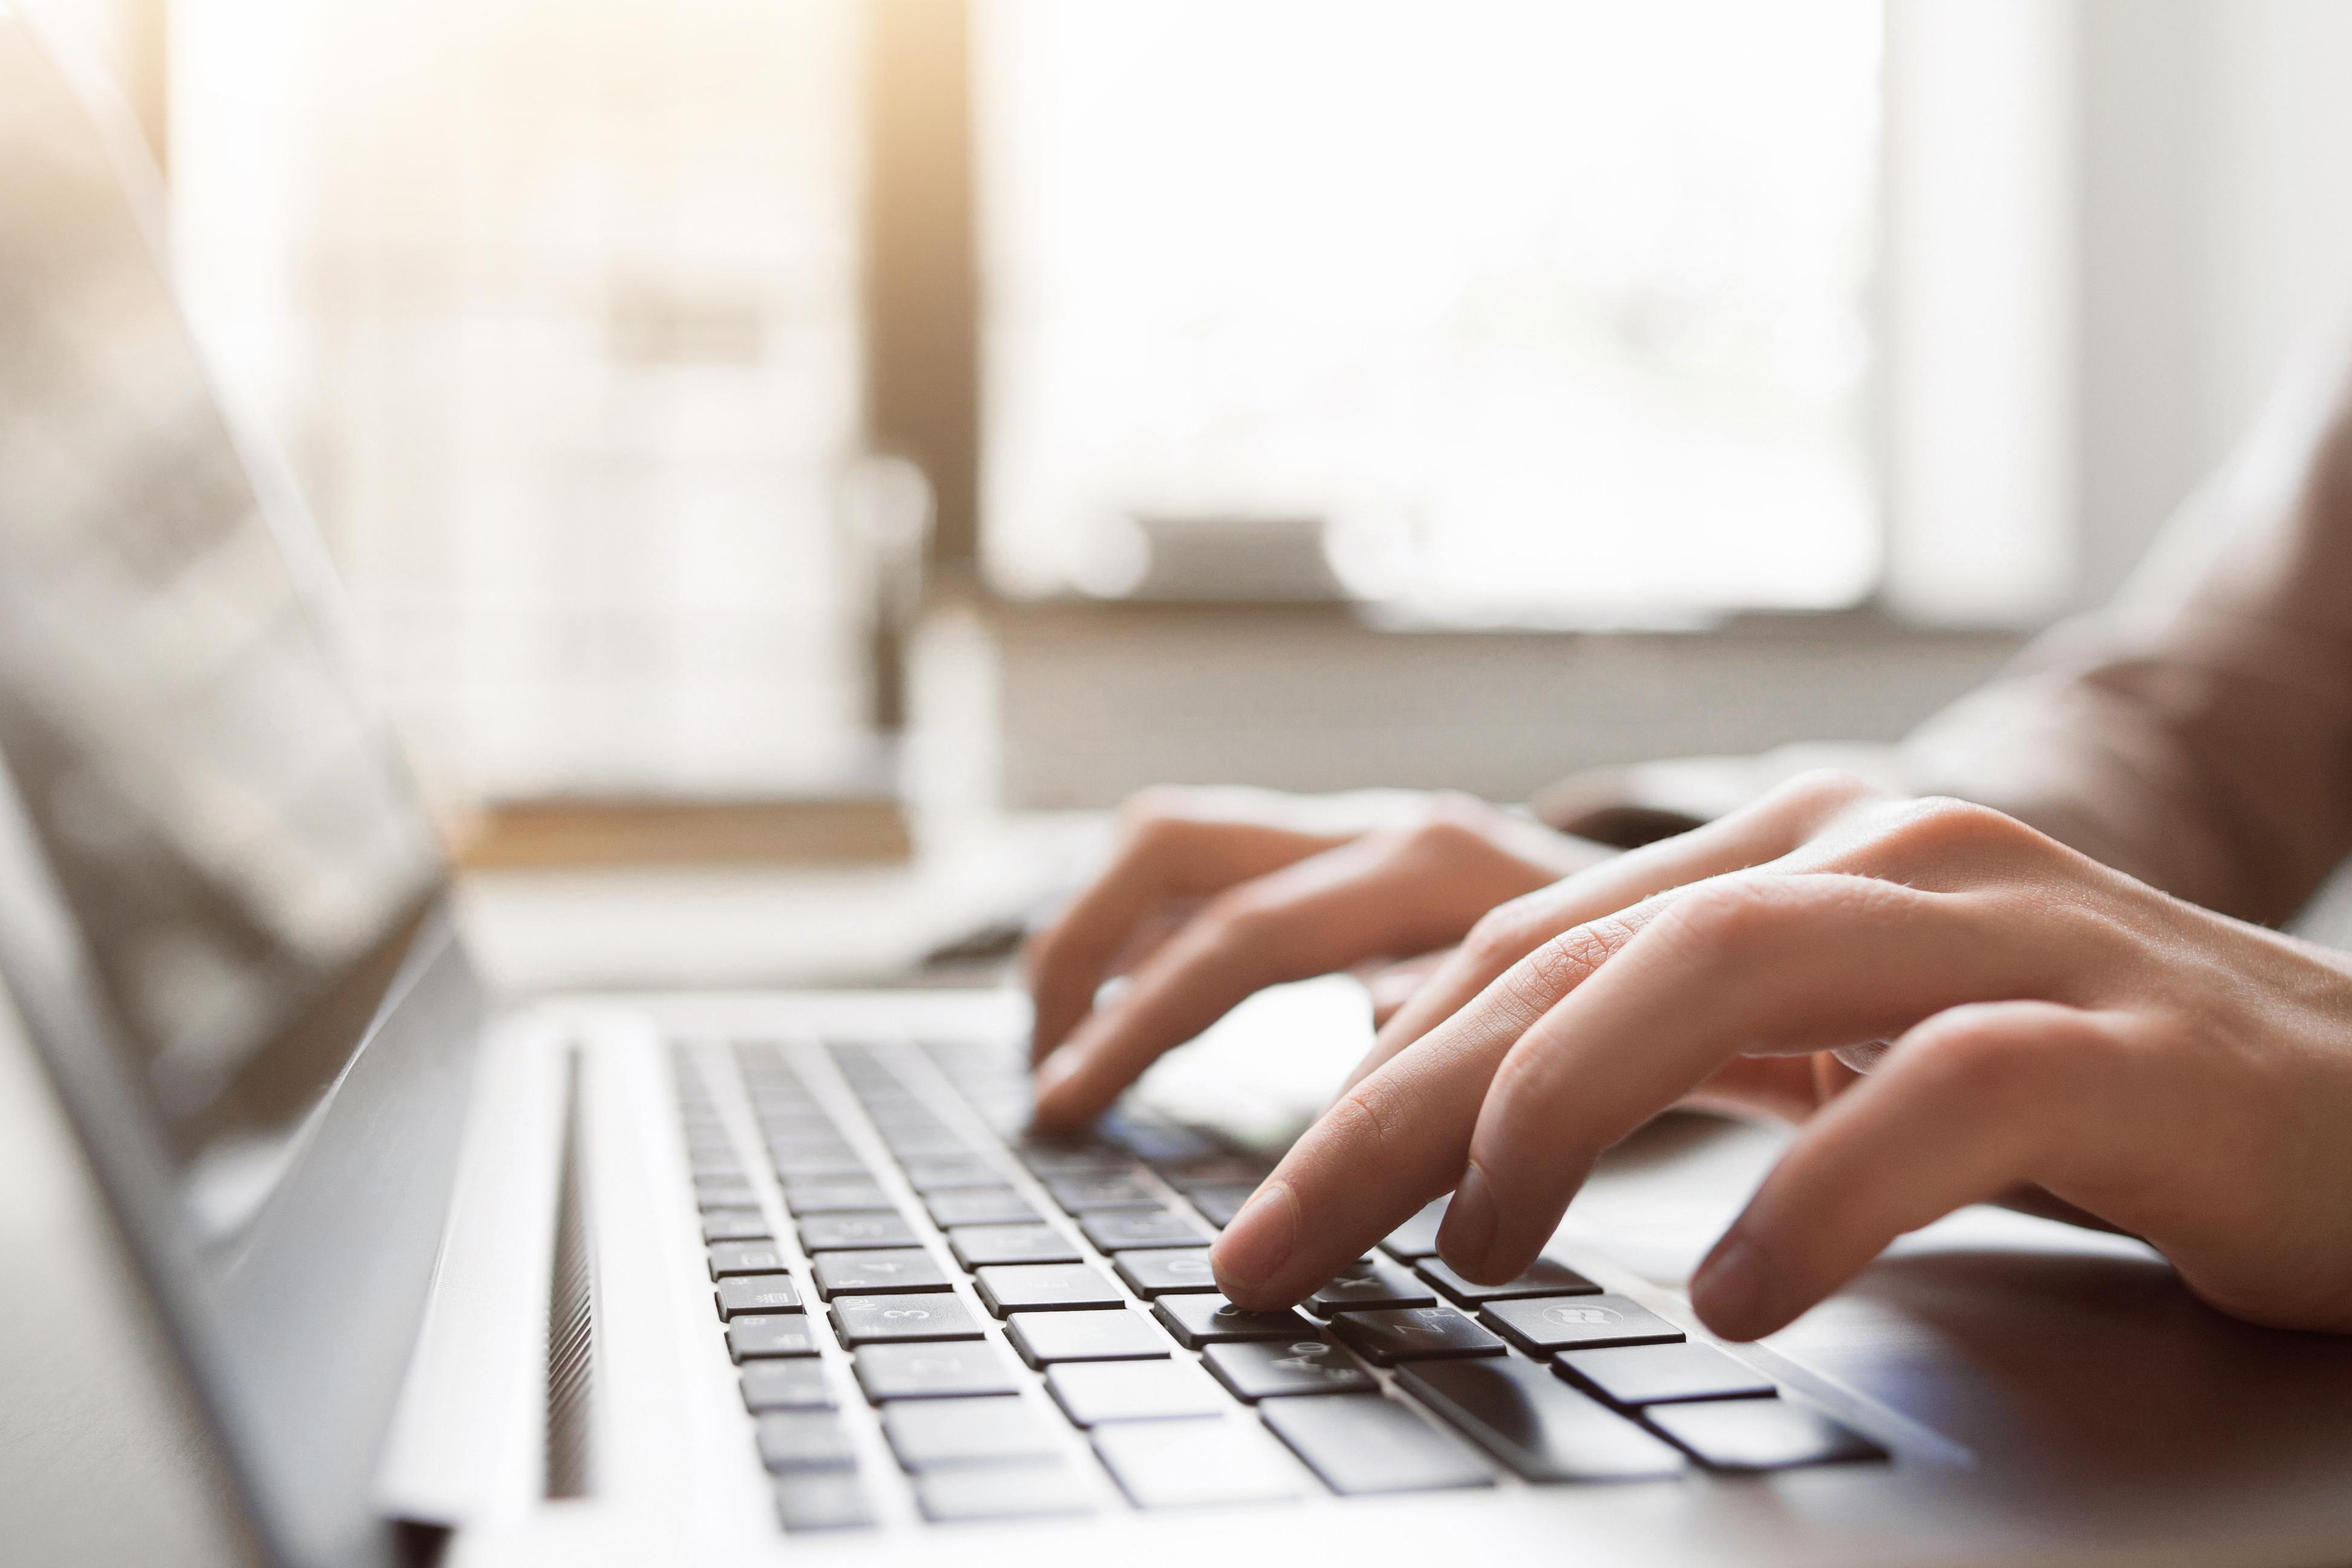 online application platform - Universitat Koln Bewerbung